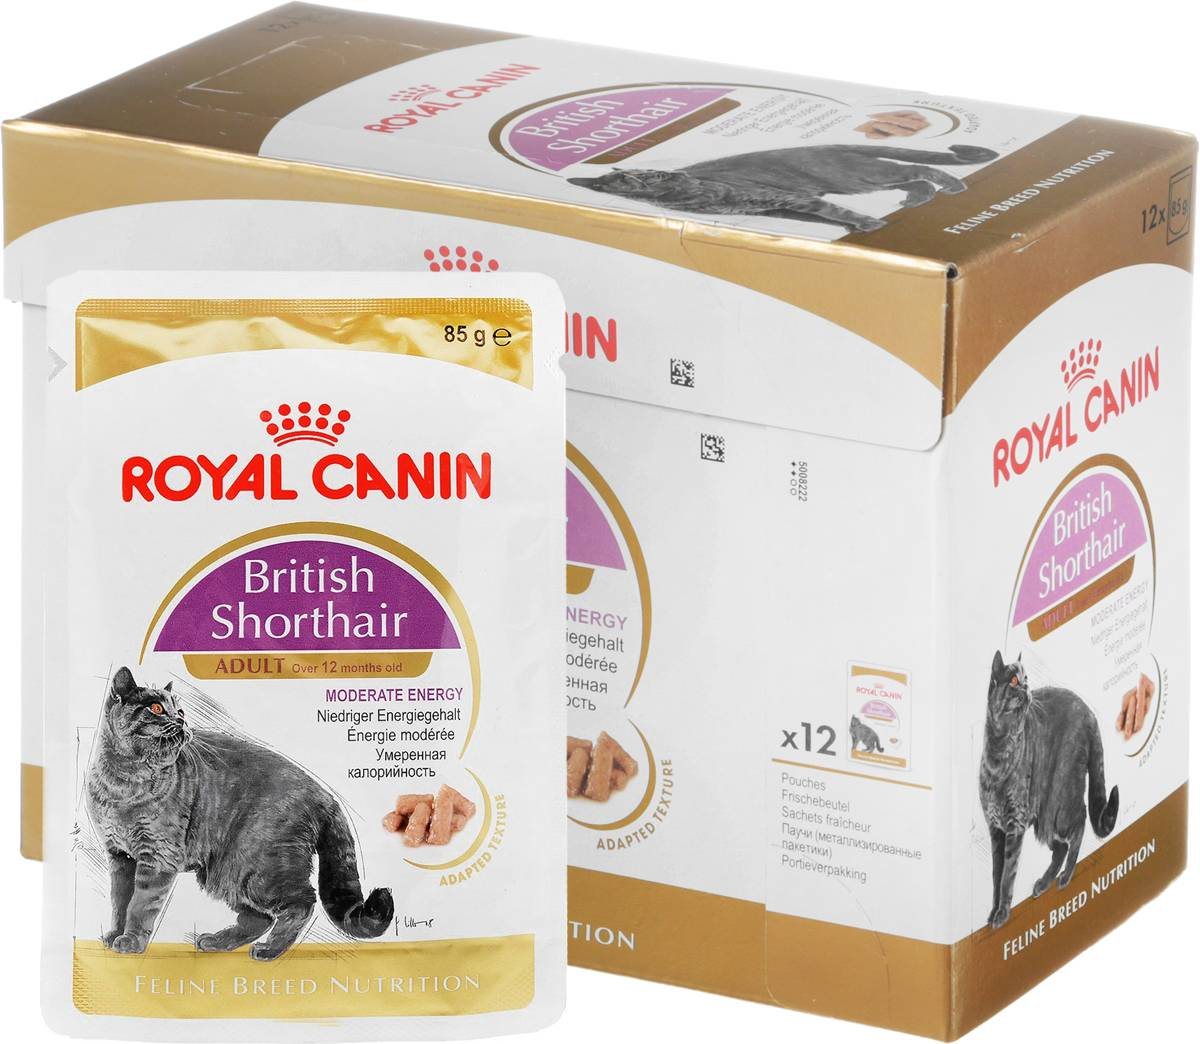 Корм для британских котят: можно ли кормить их сухим кормом? обзор лучших кормов премиум-класса и другие варианты